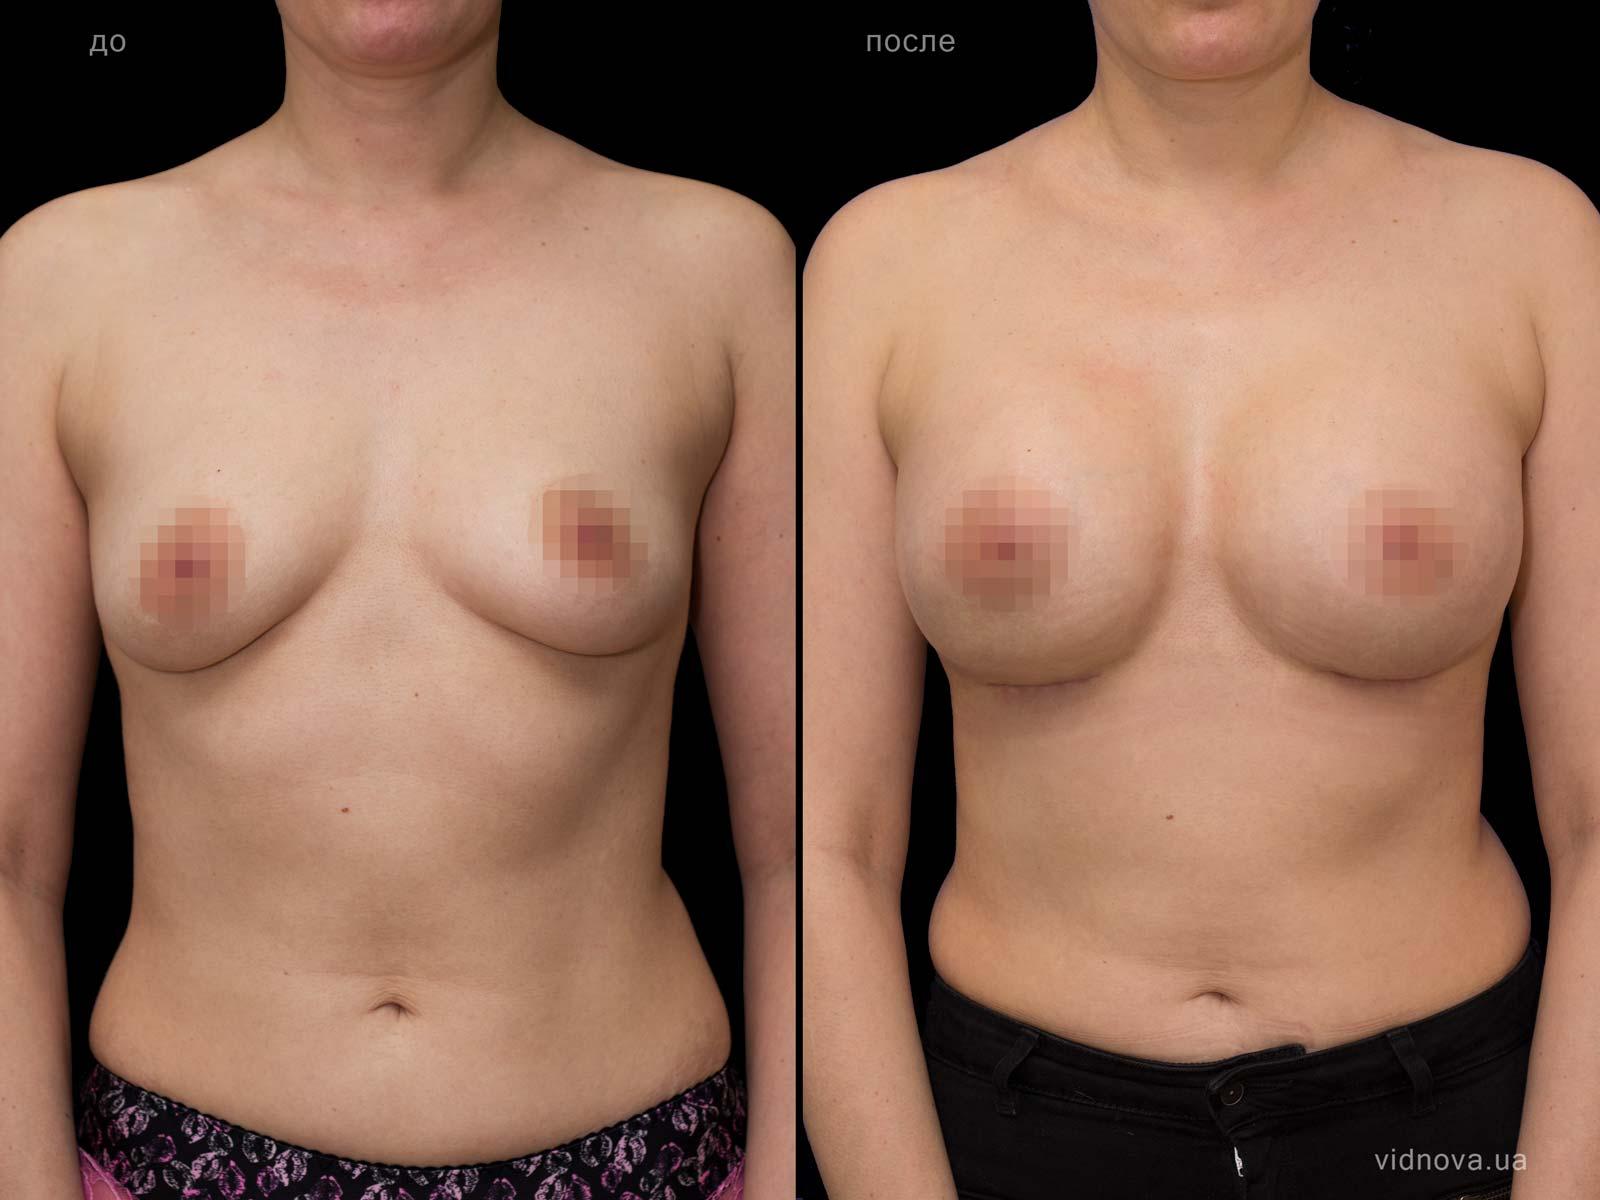 Пластика груди: результаты до и после - Пример №69-0 - Светлана Работенко